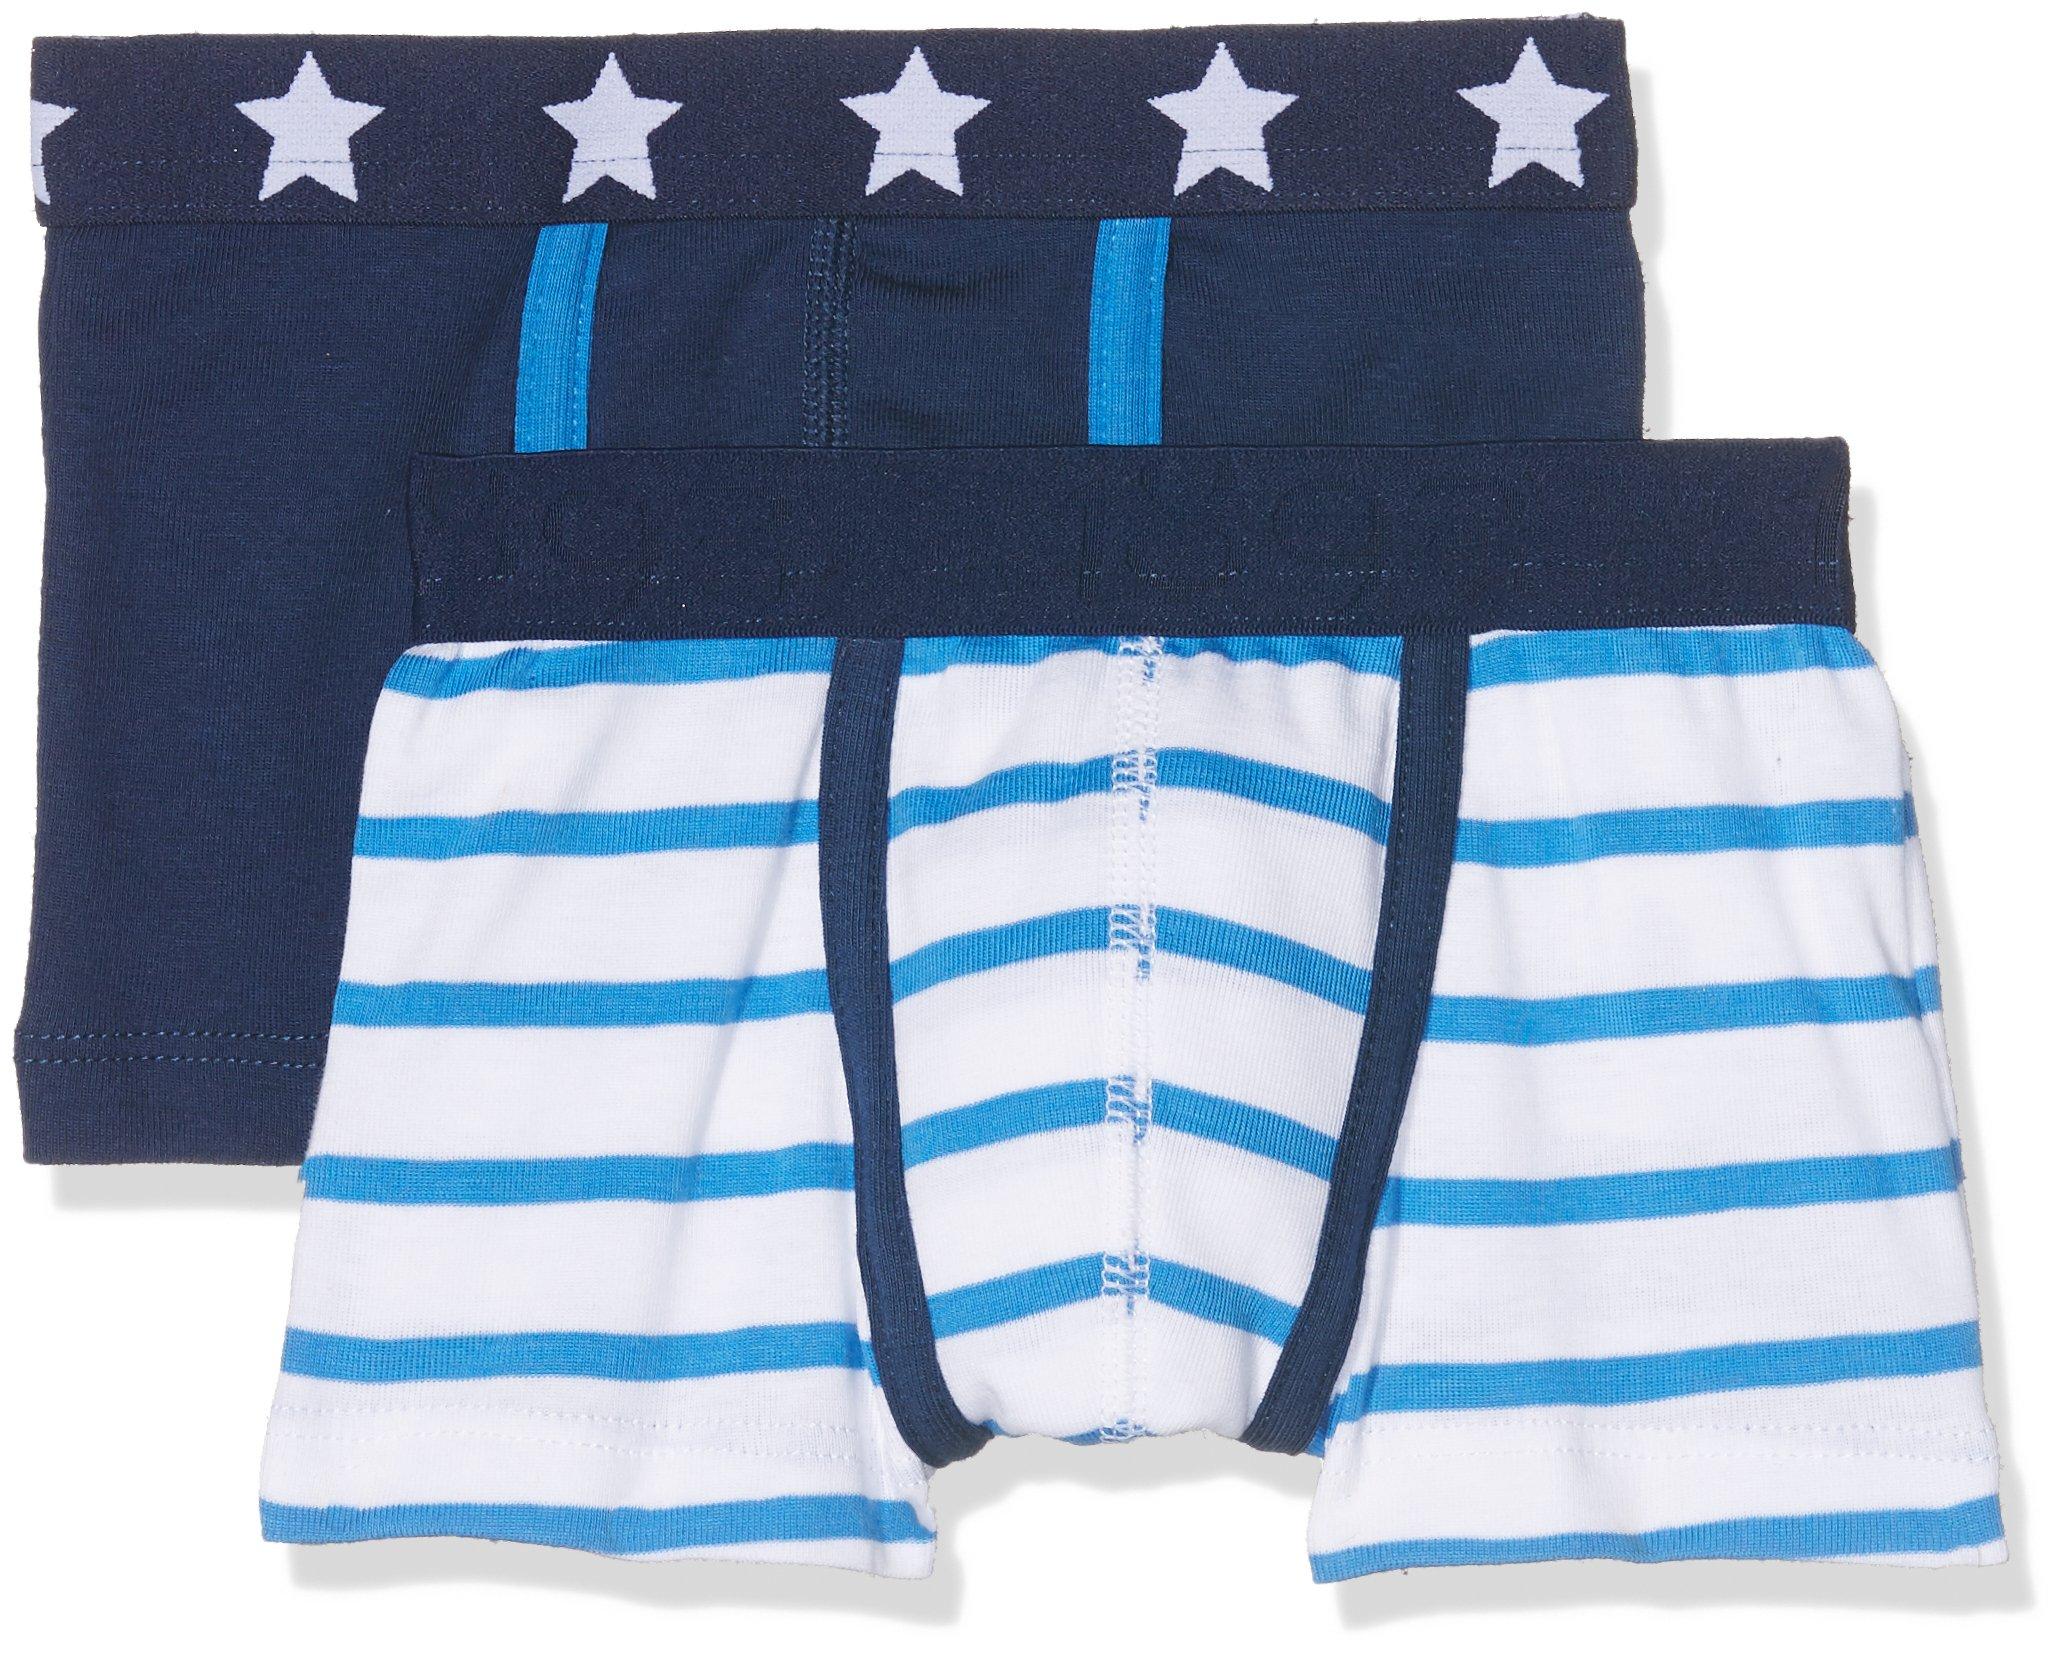 Petit Bateau Boys Boxers 2 Pack Navy Style 23965 Sizes 2-12 (Size 4 Style 23965 Boys)